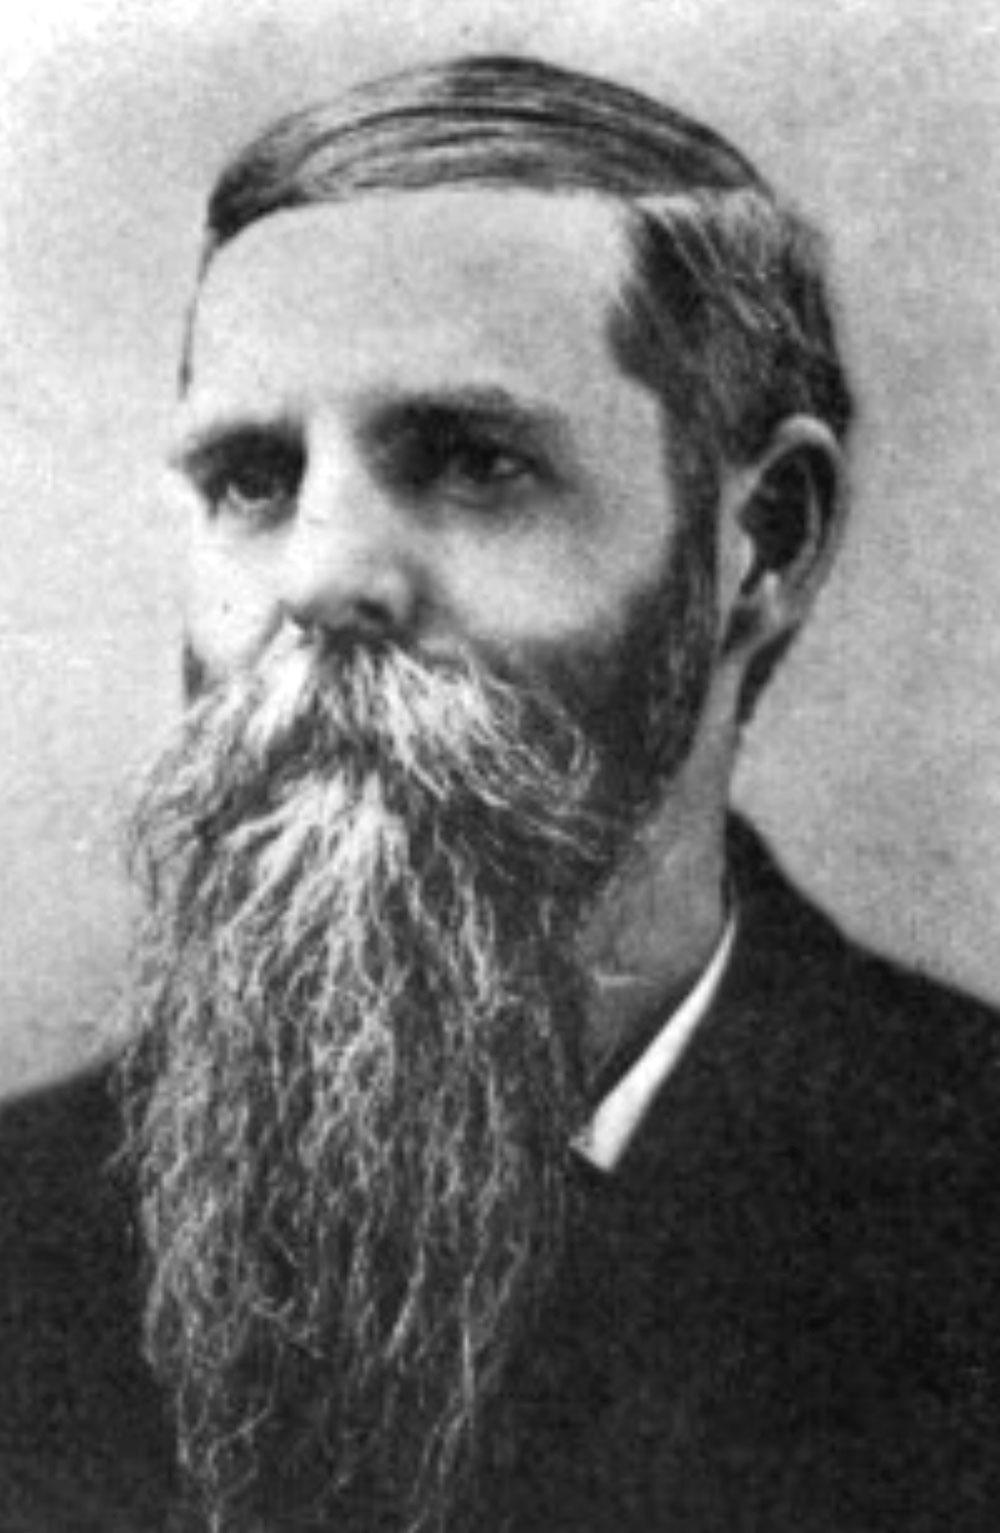 Charles Peletiab Corliss